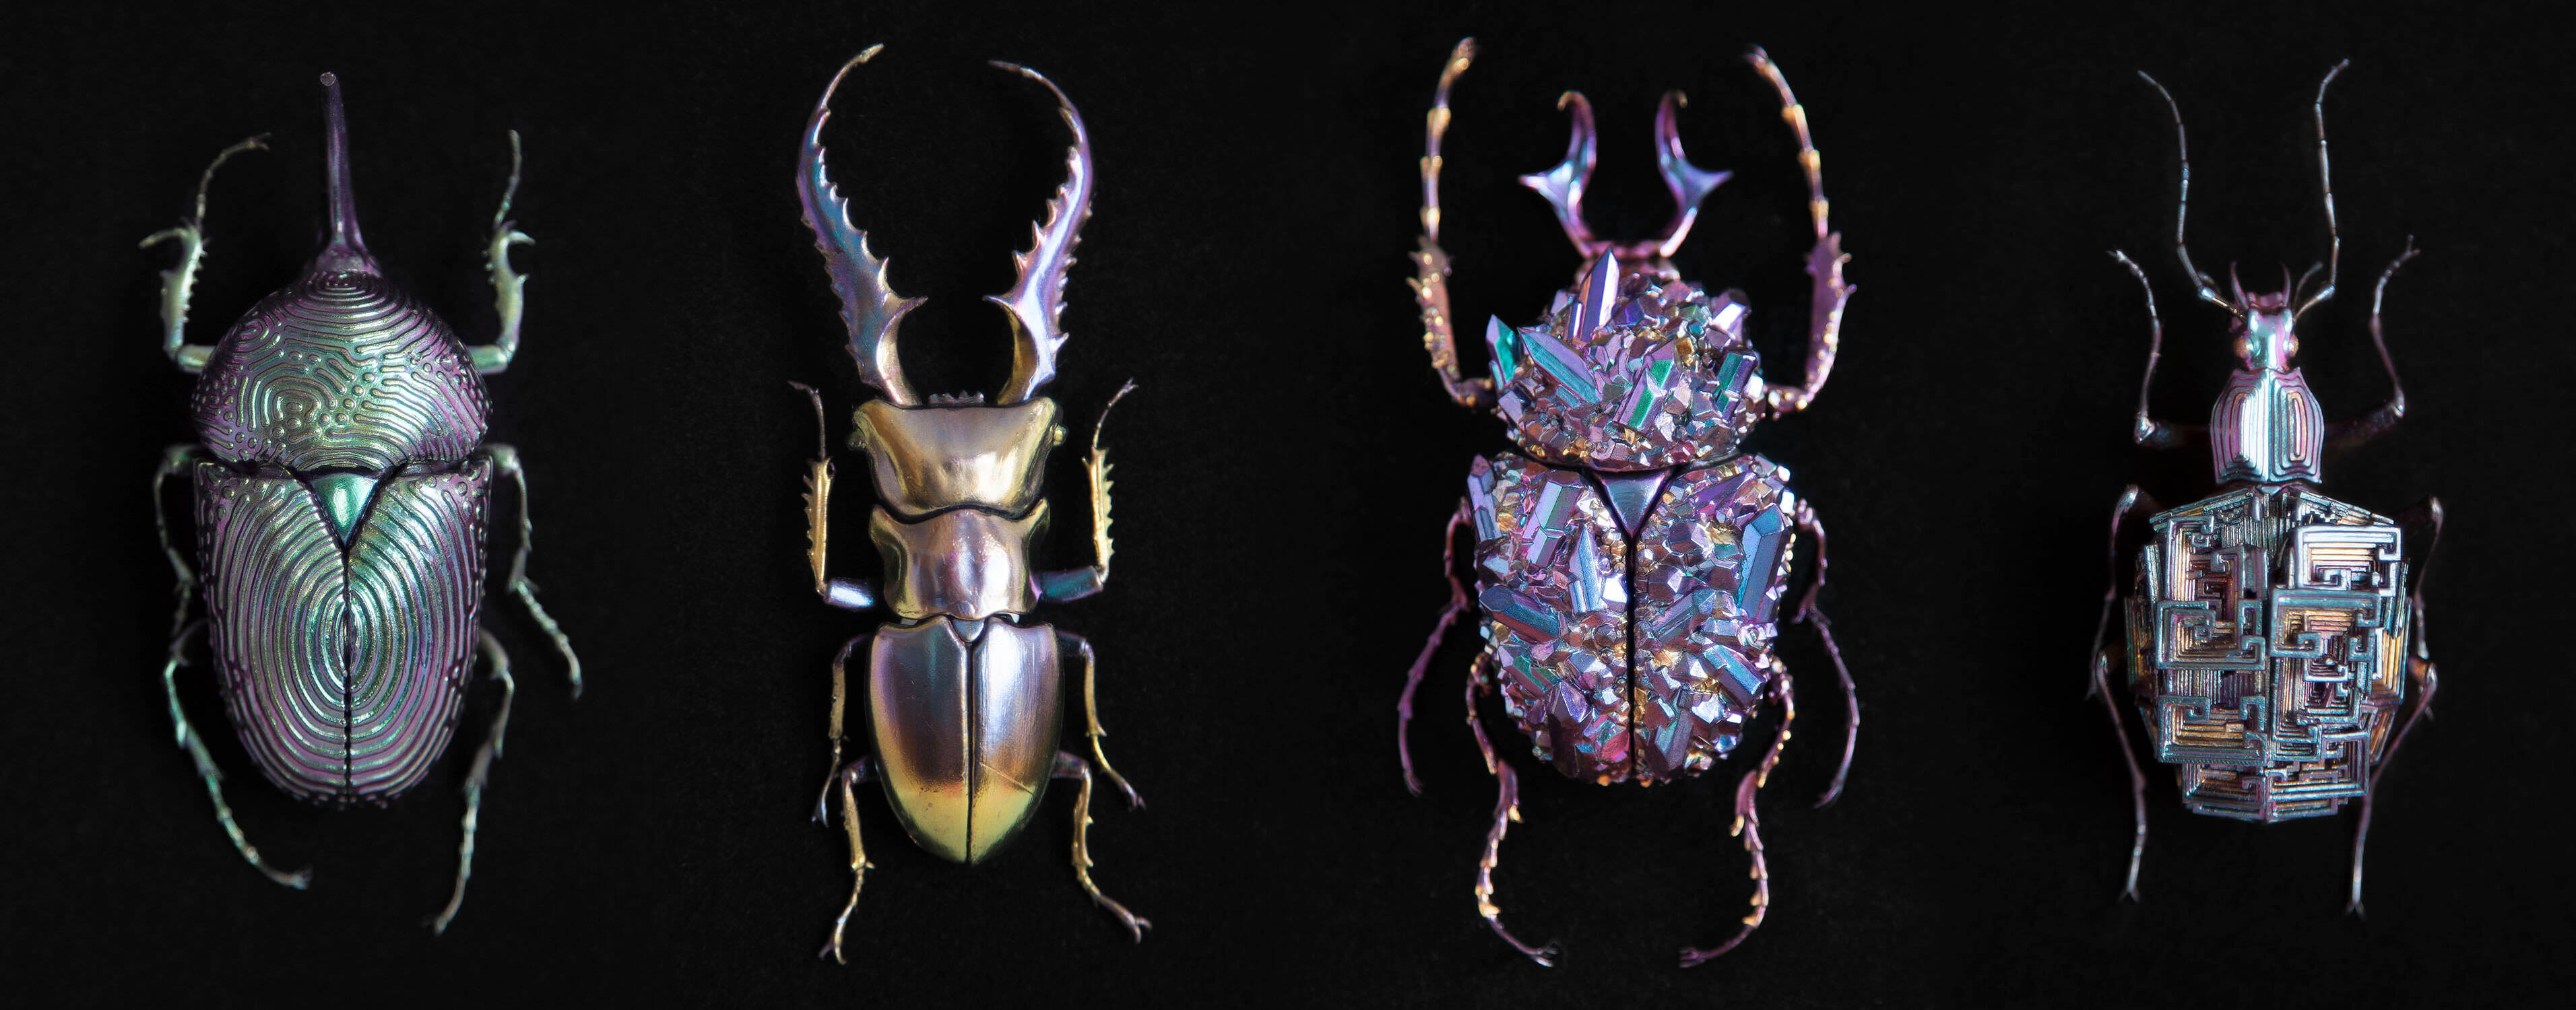 鉱石のような昆虫アート:Nozomi